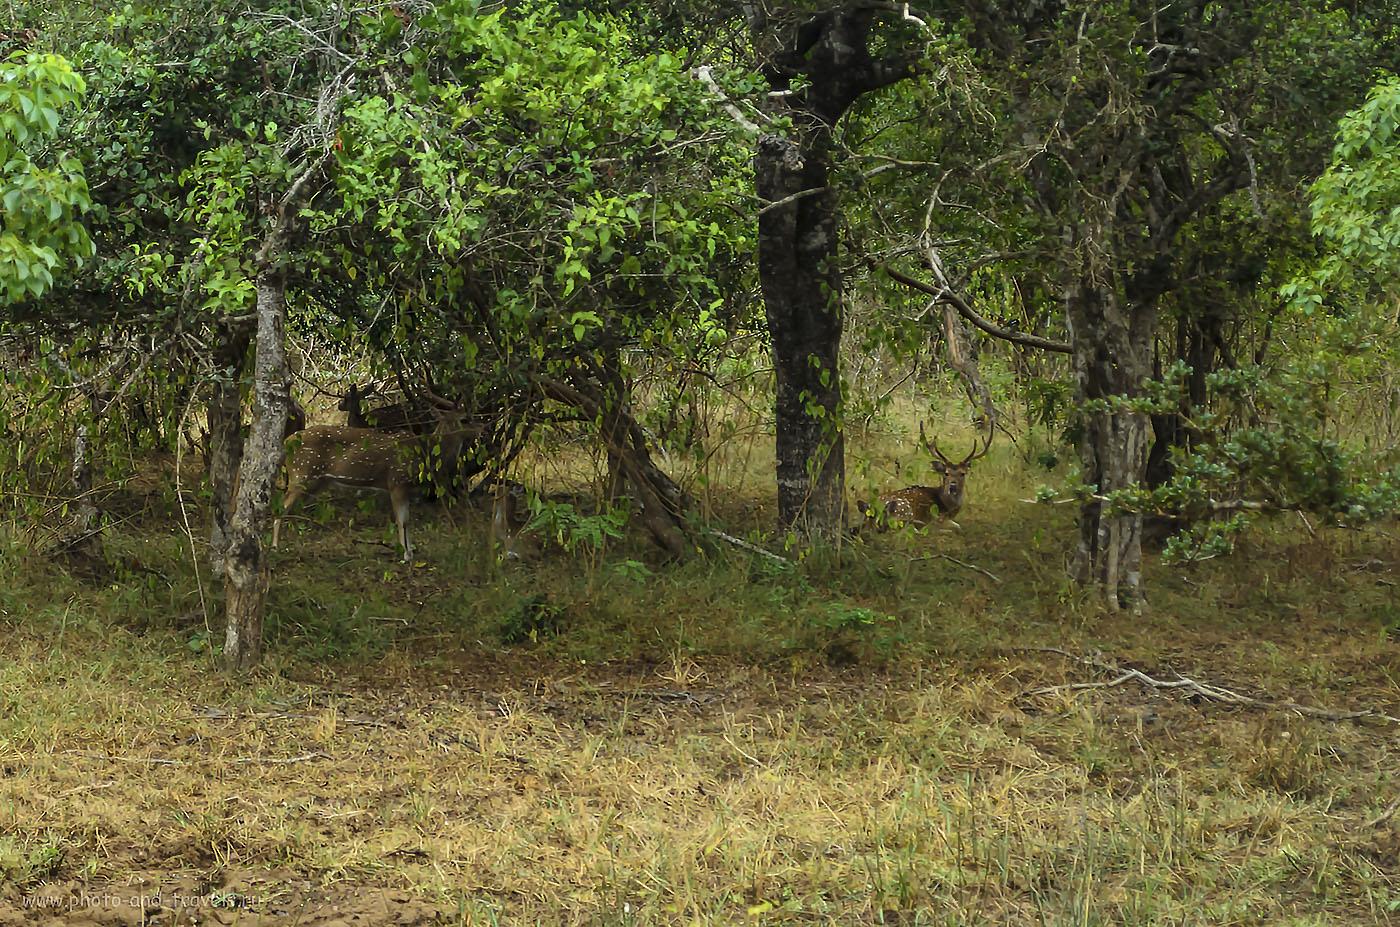 16. Фото. В какой бы курорт Шри-Ланки вы ни приехали на отдых, выделите время на посещение одного из национальных парков. Необязательно это должен быть Yala National Park. Ведь, есть ещеУилпатту, Уда-Валаве, Миннерия, Каудулла, Остров Пиджеон и другие. Настройки фотоаппарата: 320, 55, 5.6, 1/80)